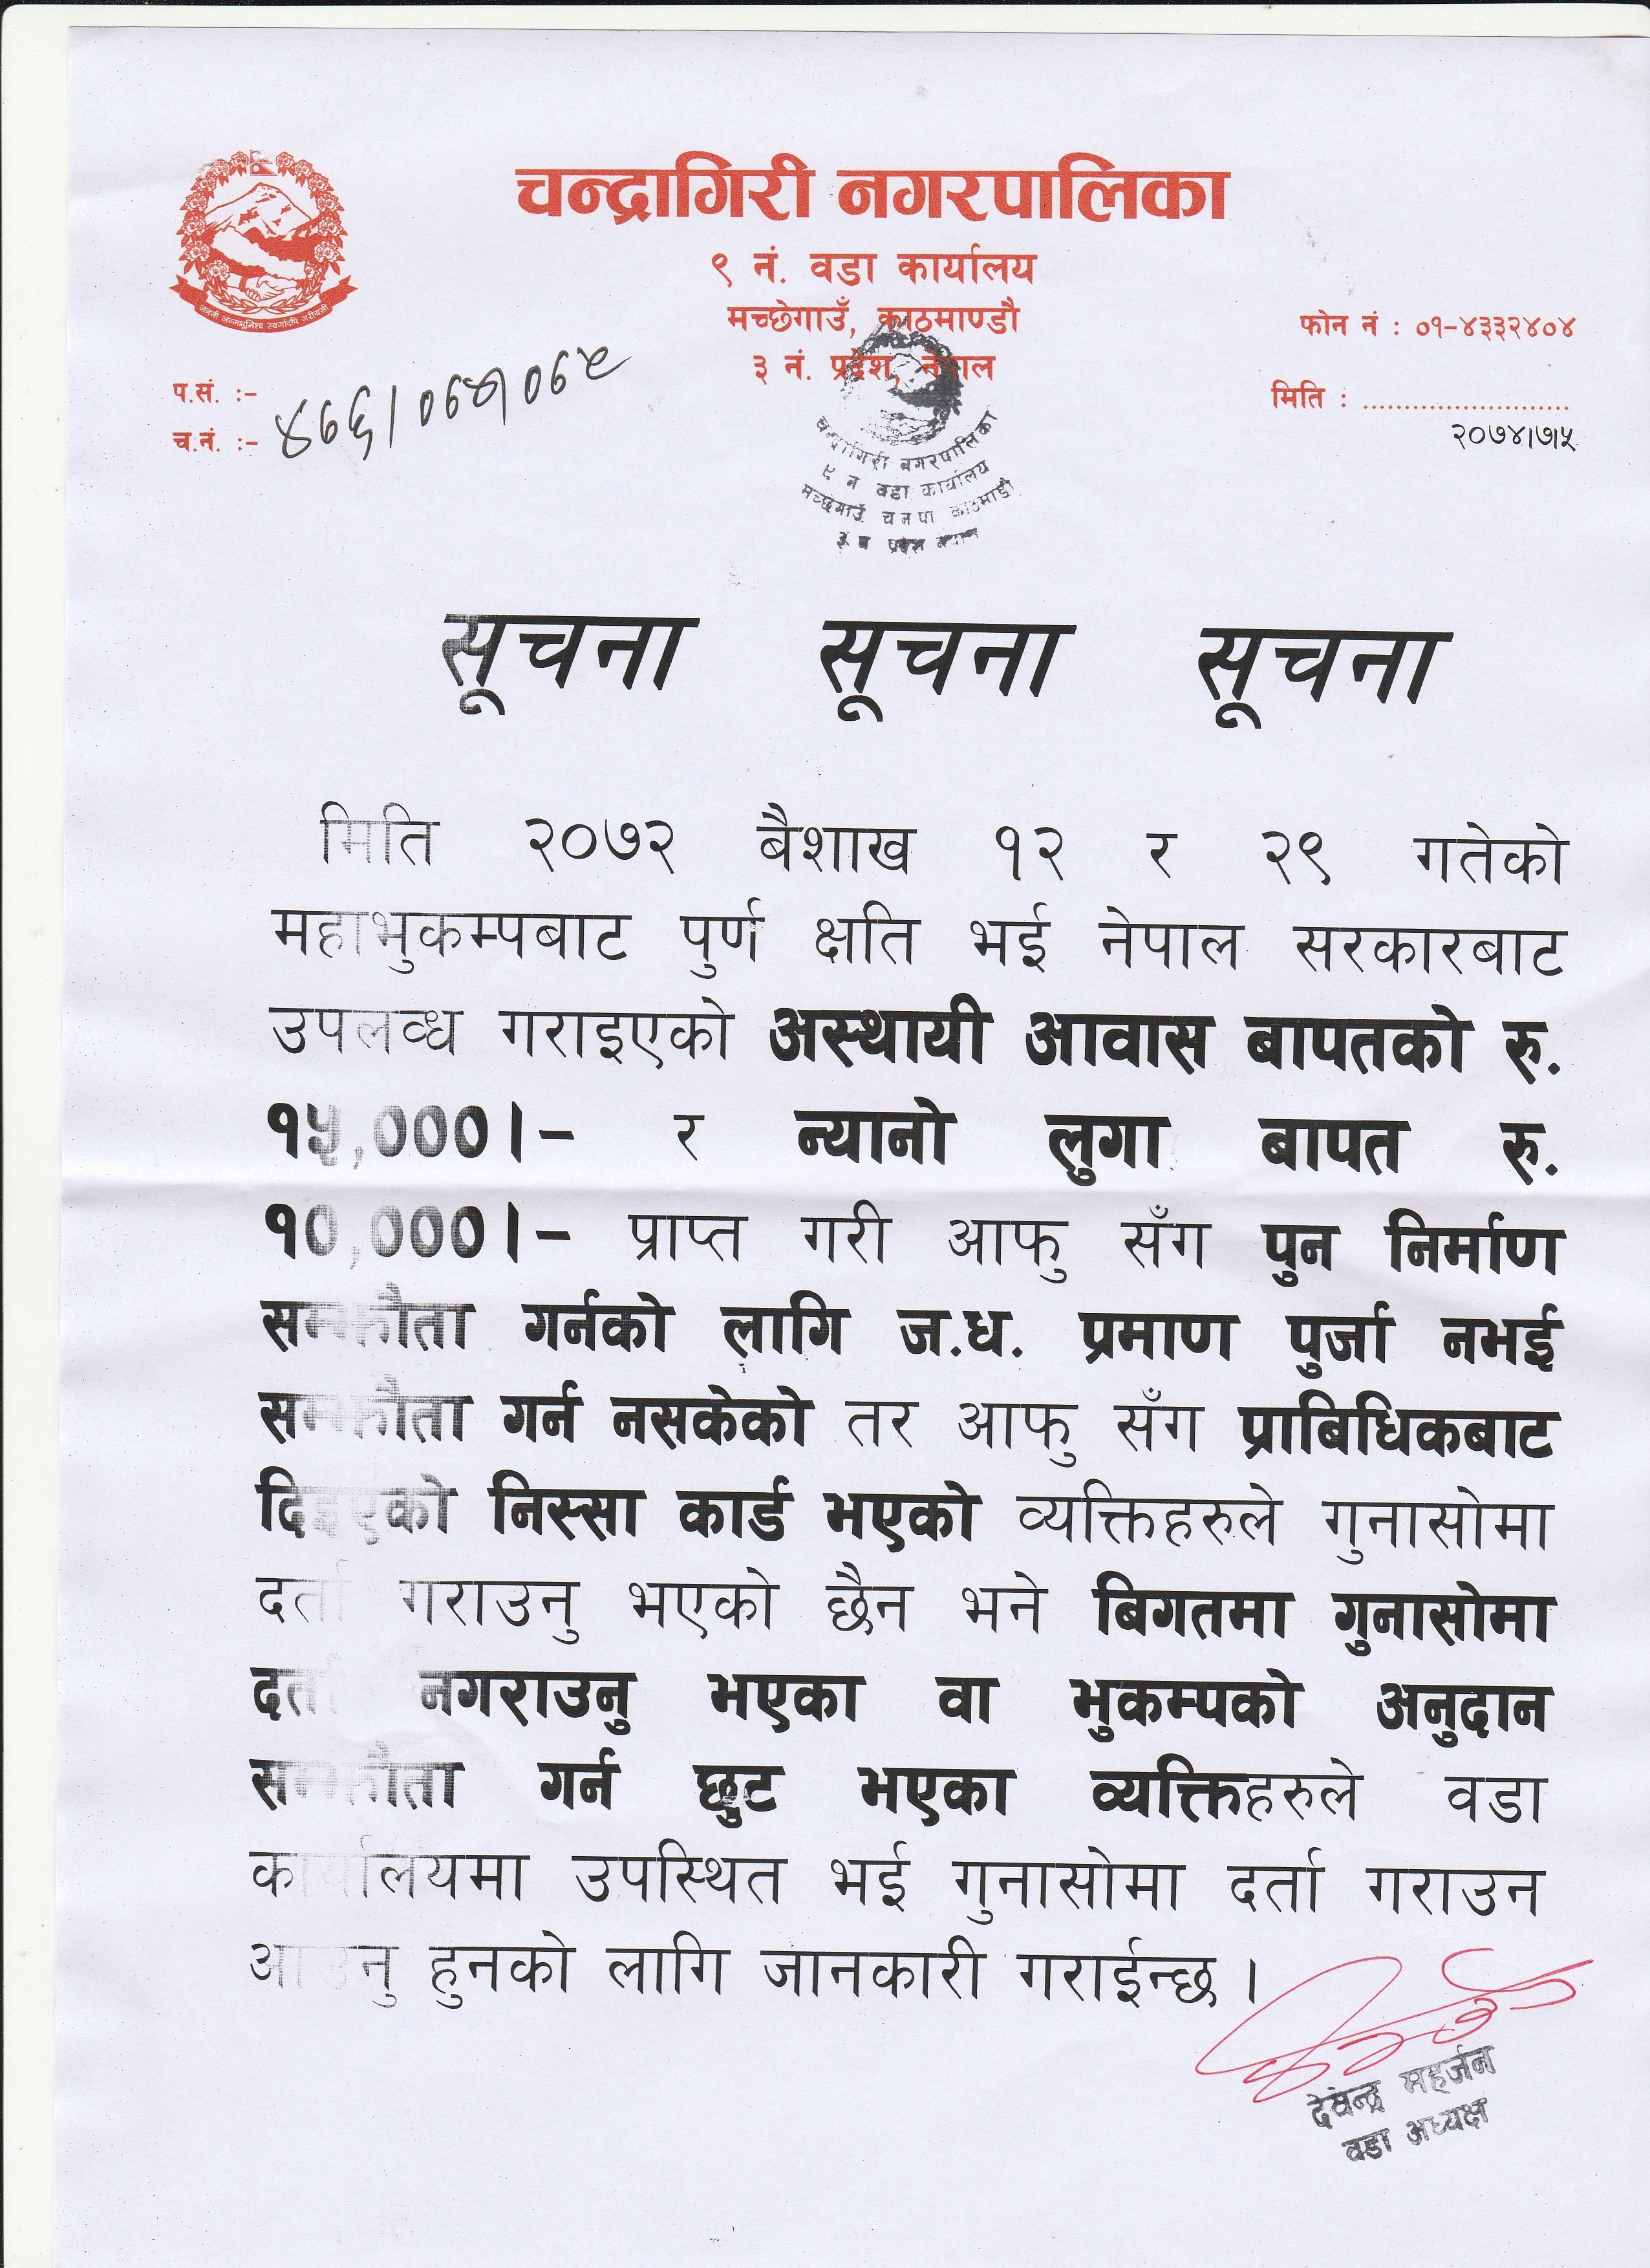 Chandragirinews IMG_20171023_0001 वडा कार्यालयका जरूरी सुचनाहरू । मछेगाउँ मातातिर्थ    chandragiri